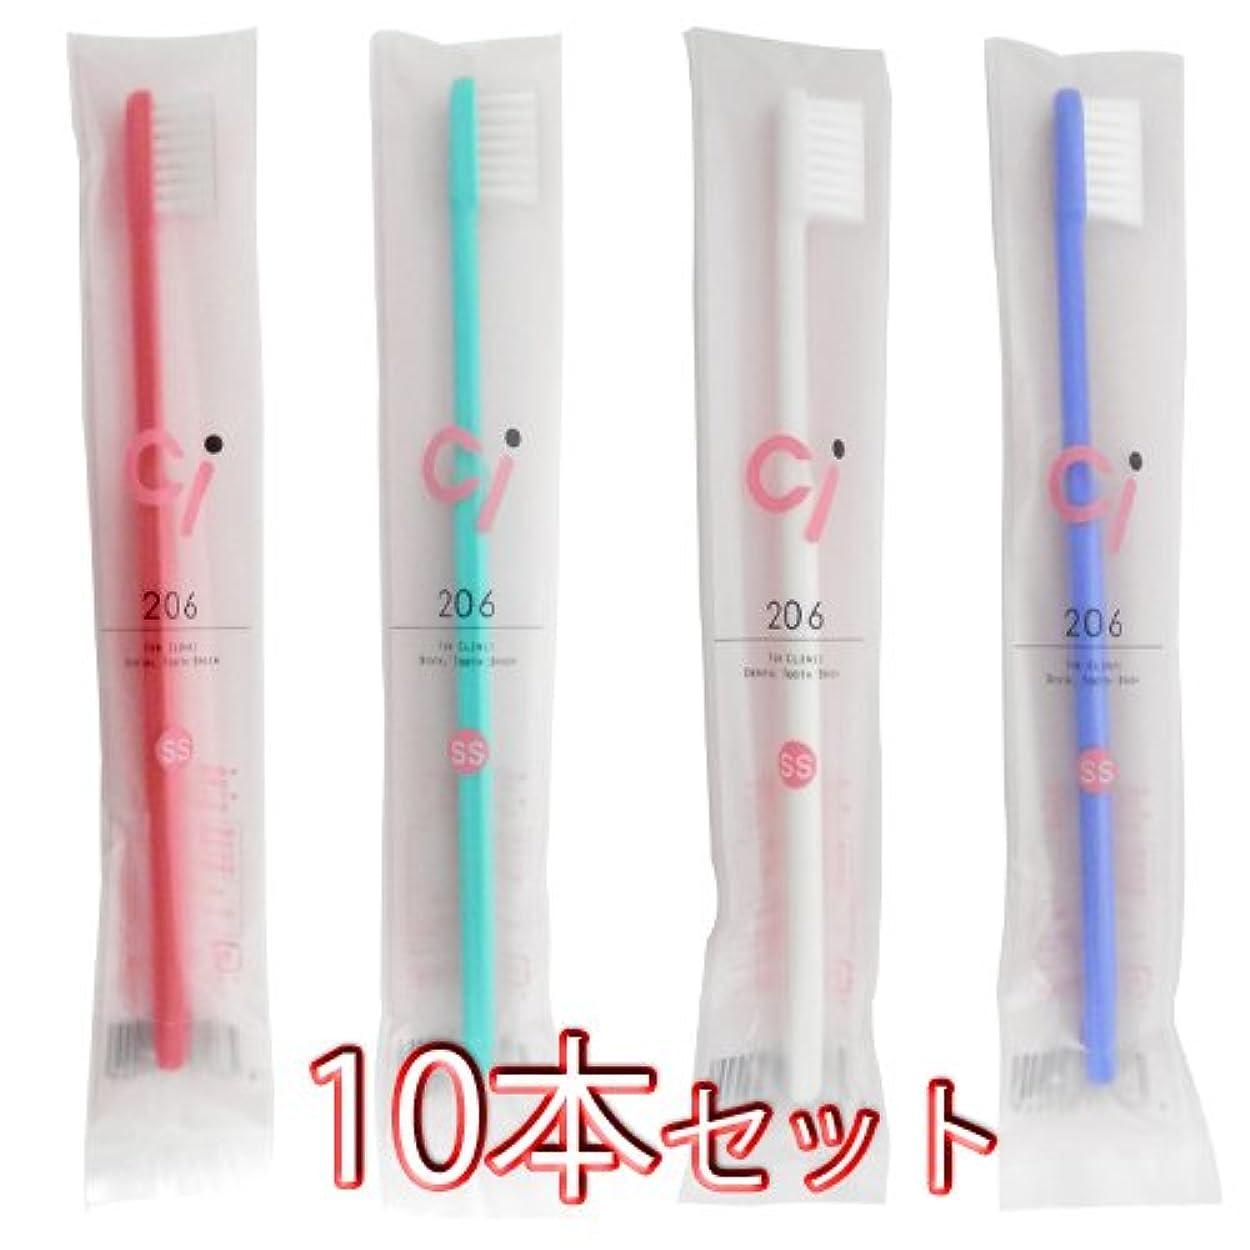 アプローチ錆びブラウンCiメディカル 歯ブラシ コンパクトヘッド 10本セット Ci206 (超やわらかめ)